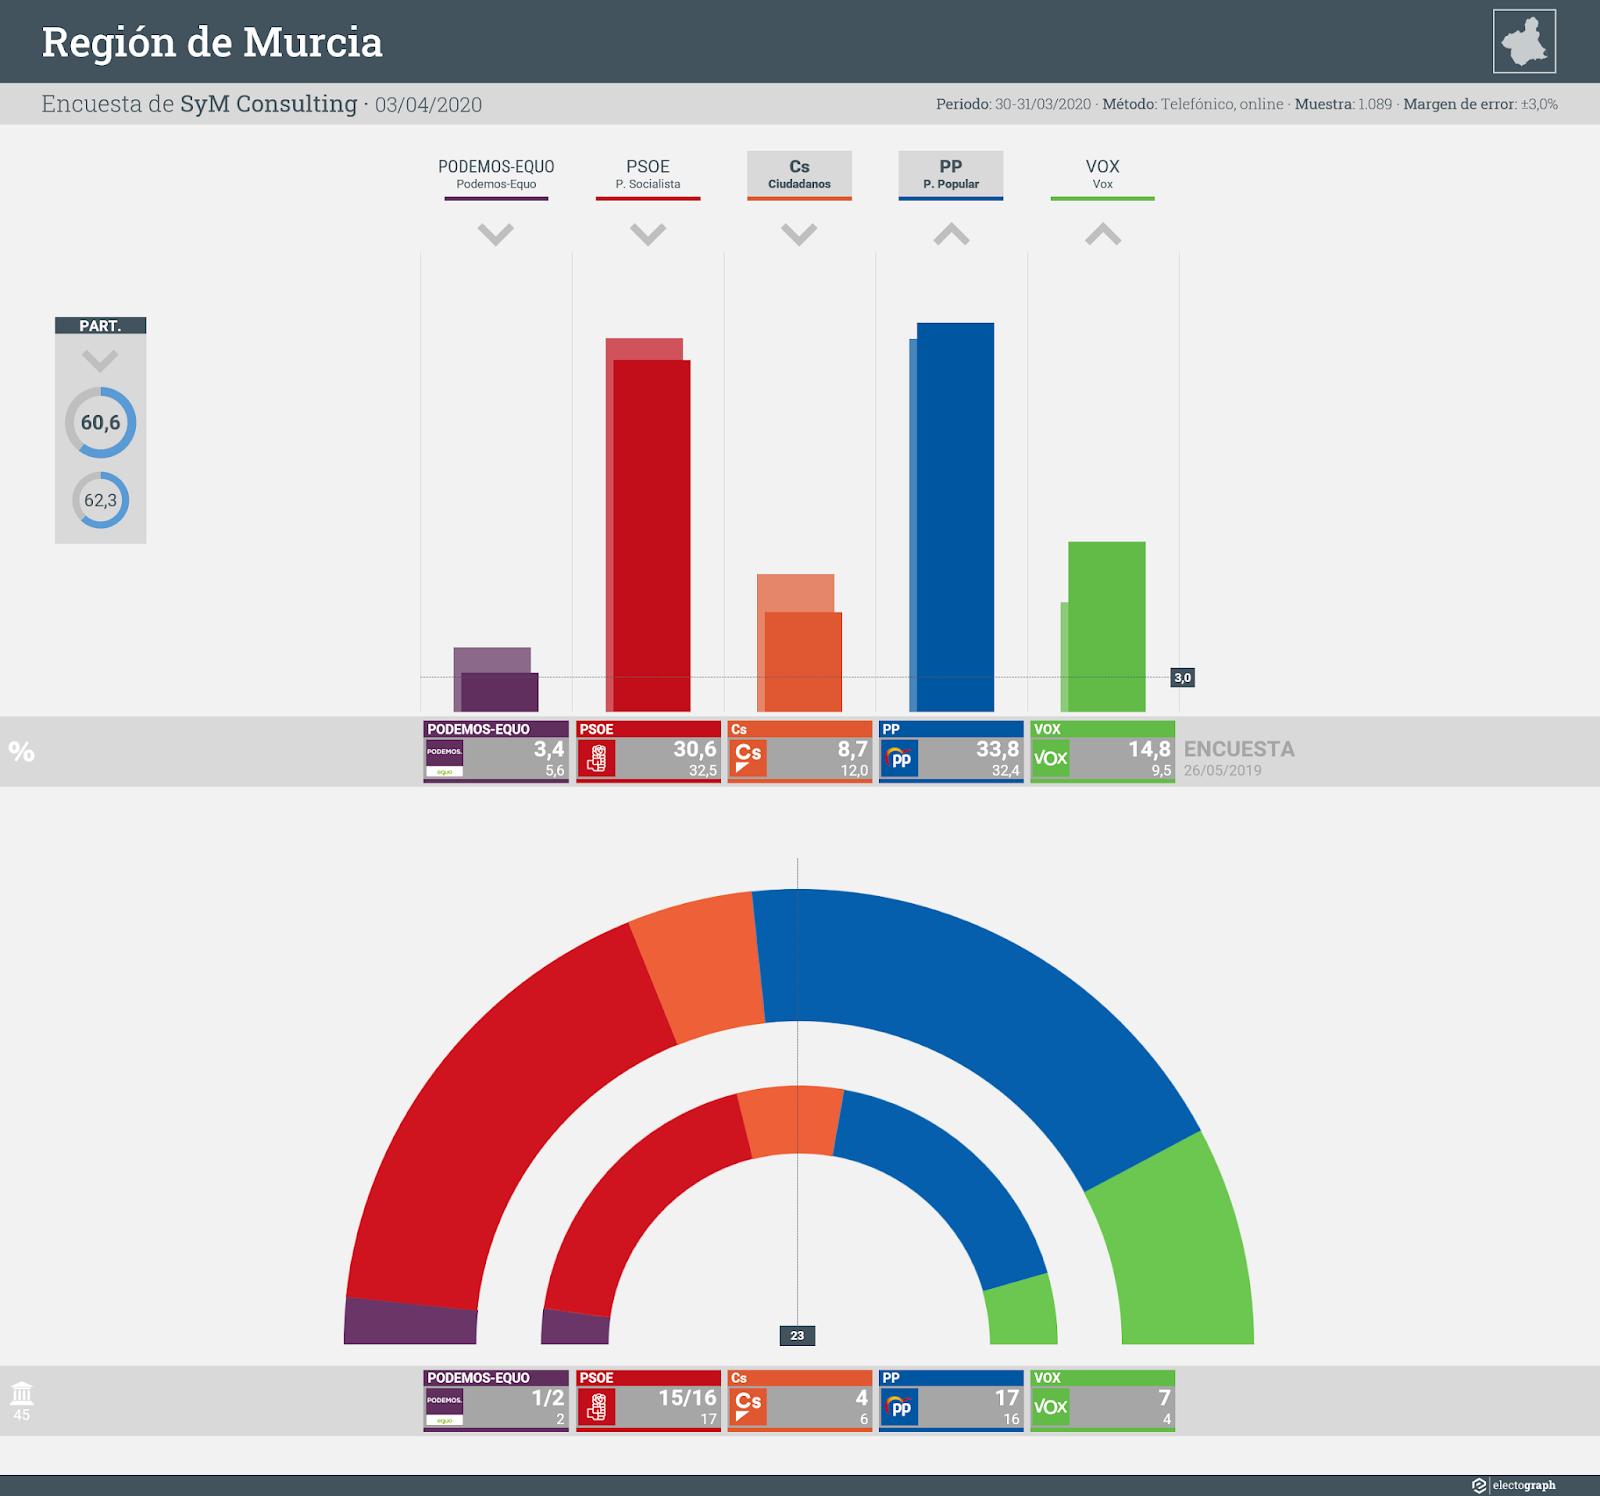 Gráfico de la encuesta para elecciones autonómicas en la Región de Murcia realizada por SyM Consulting, 3 de abril de 2020